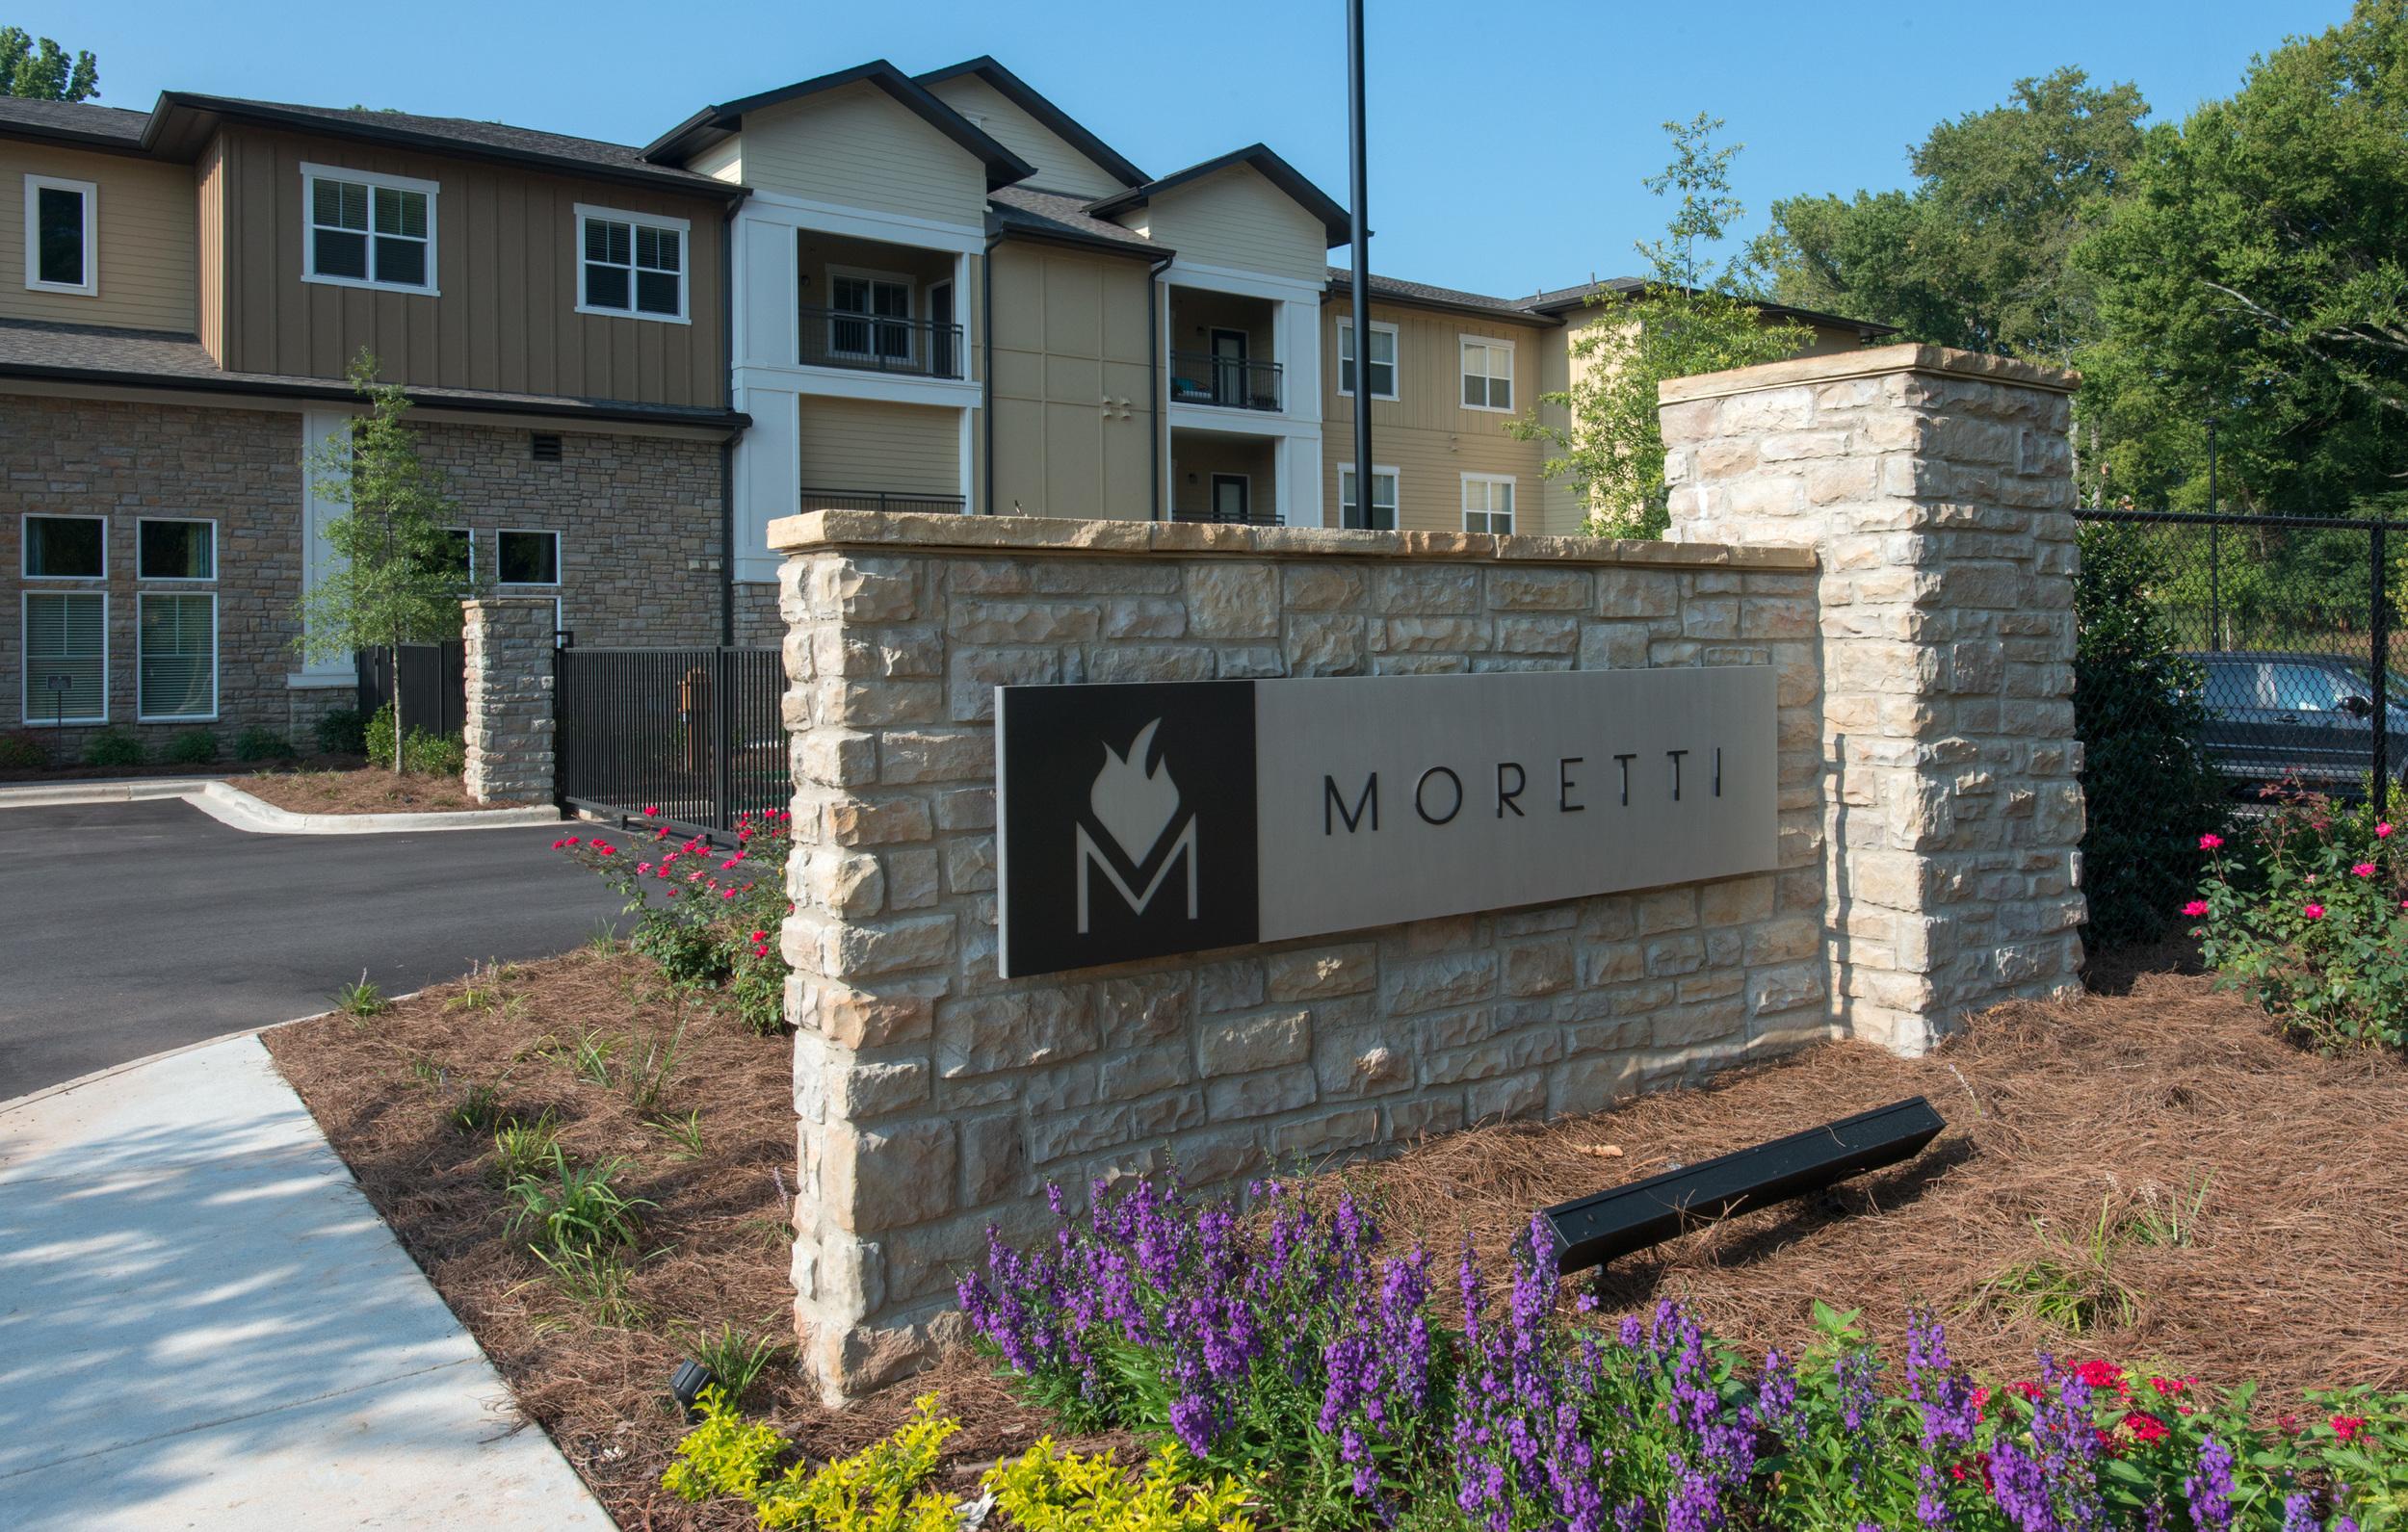 Moretti-022-Lower Sign.jpg